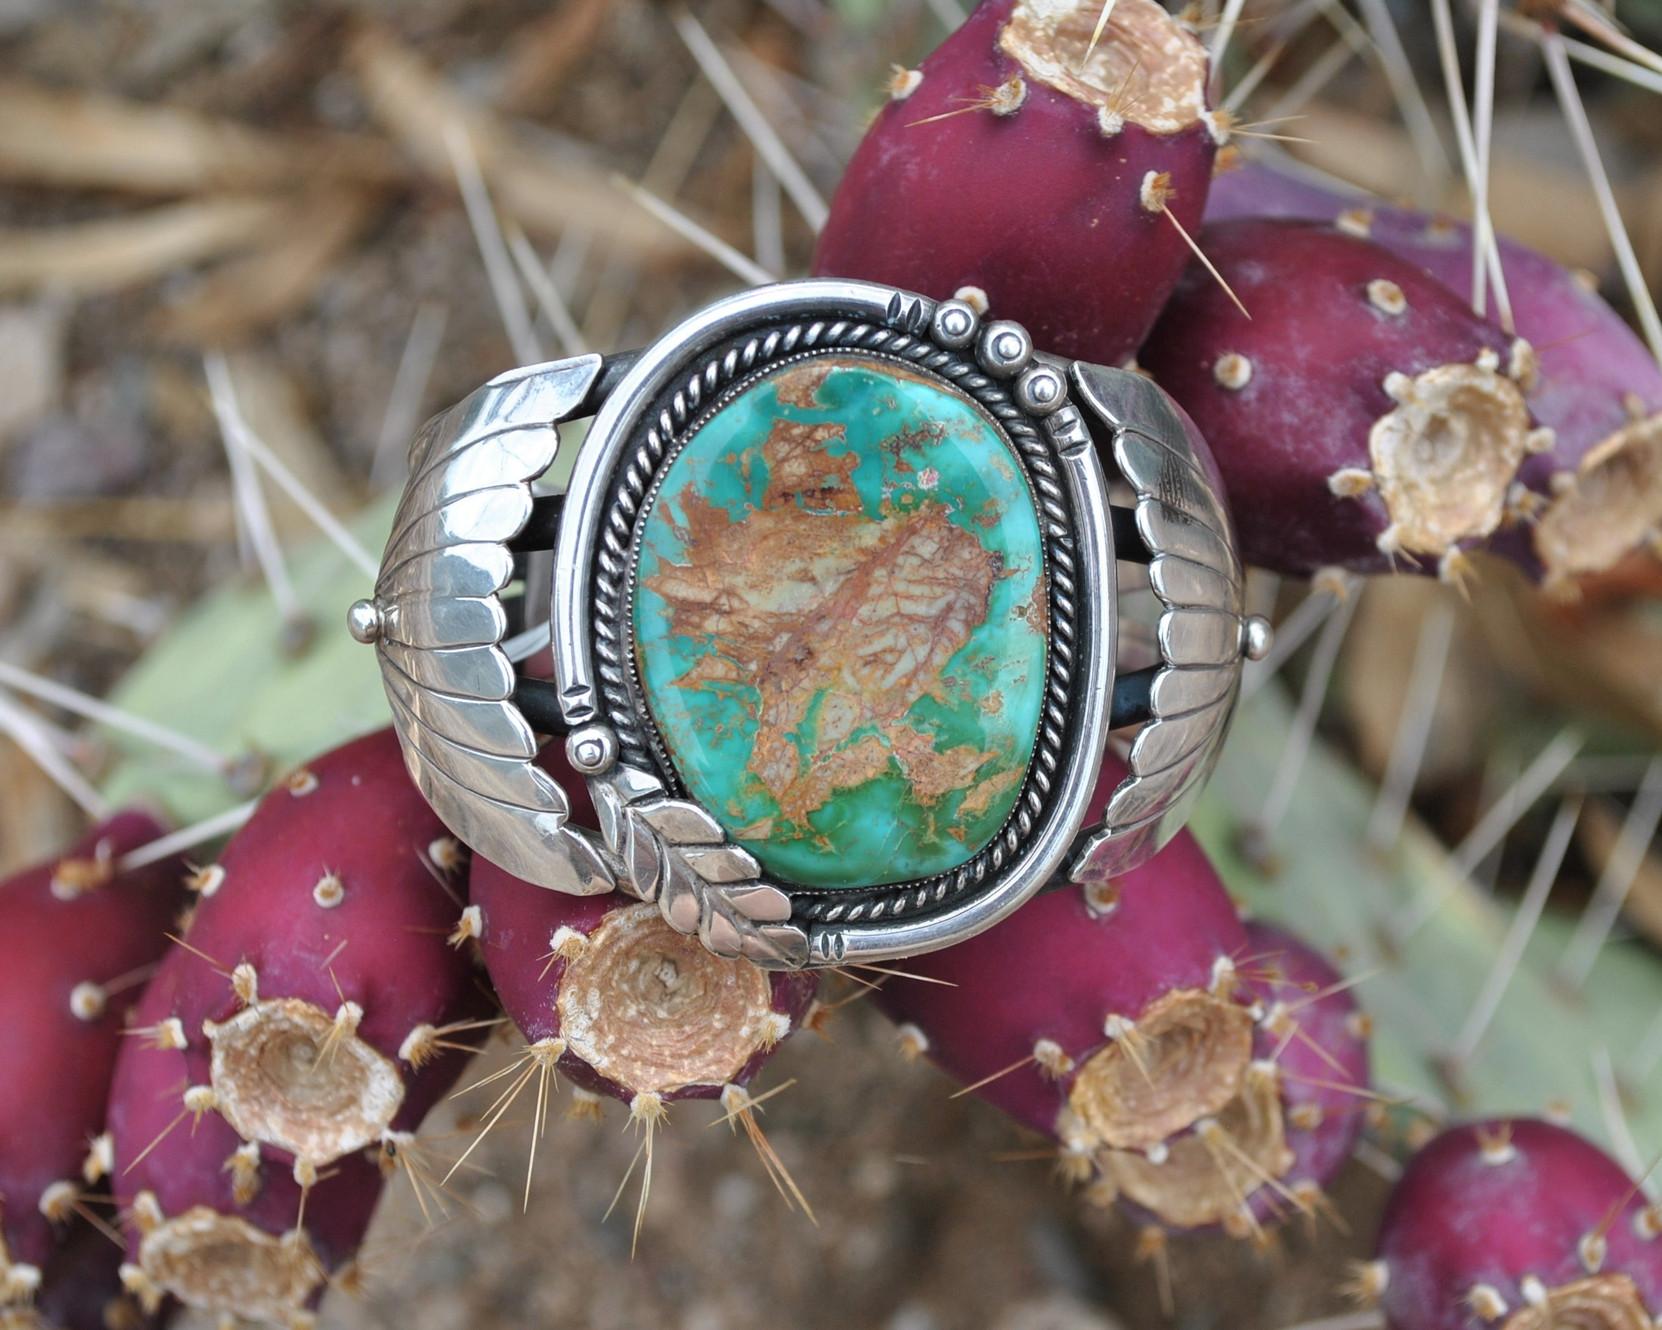 www.macsindianjewelry.com